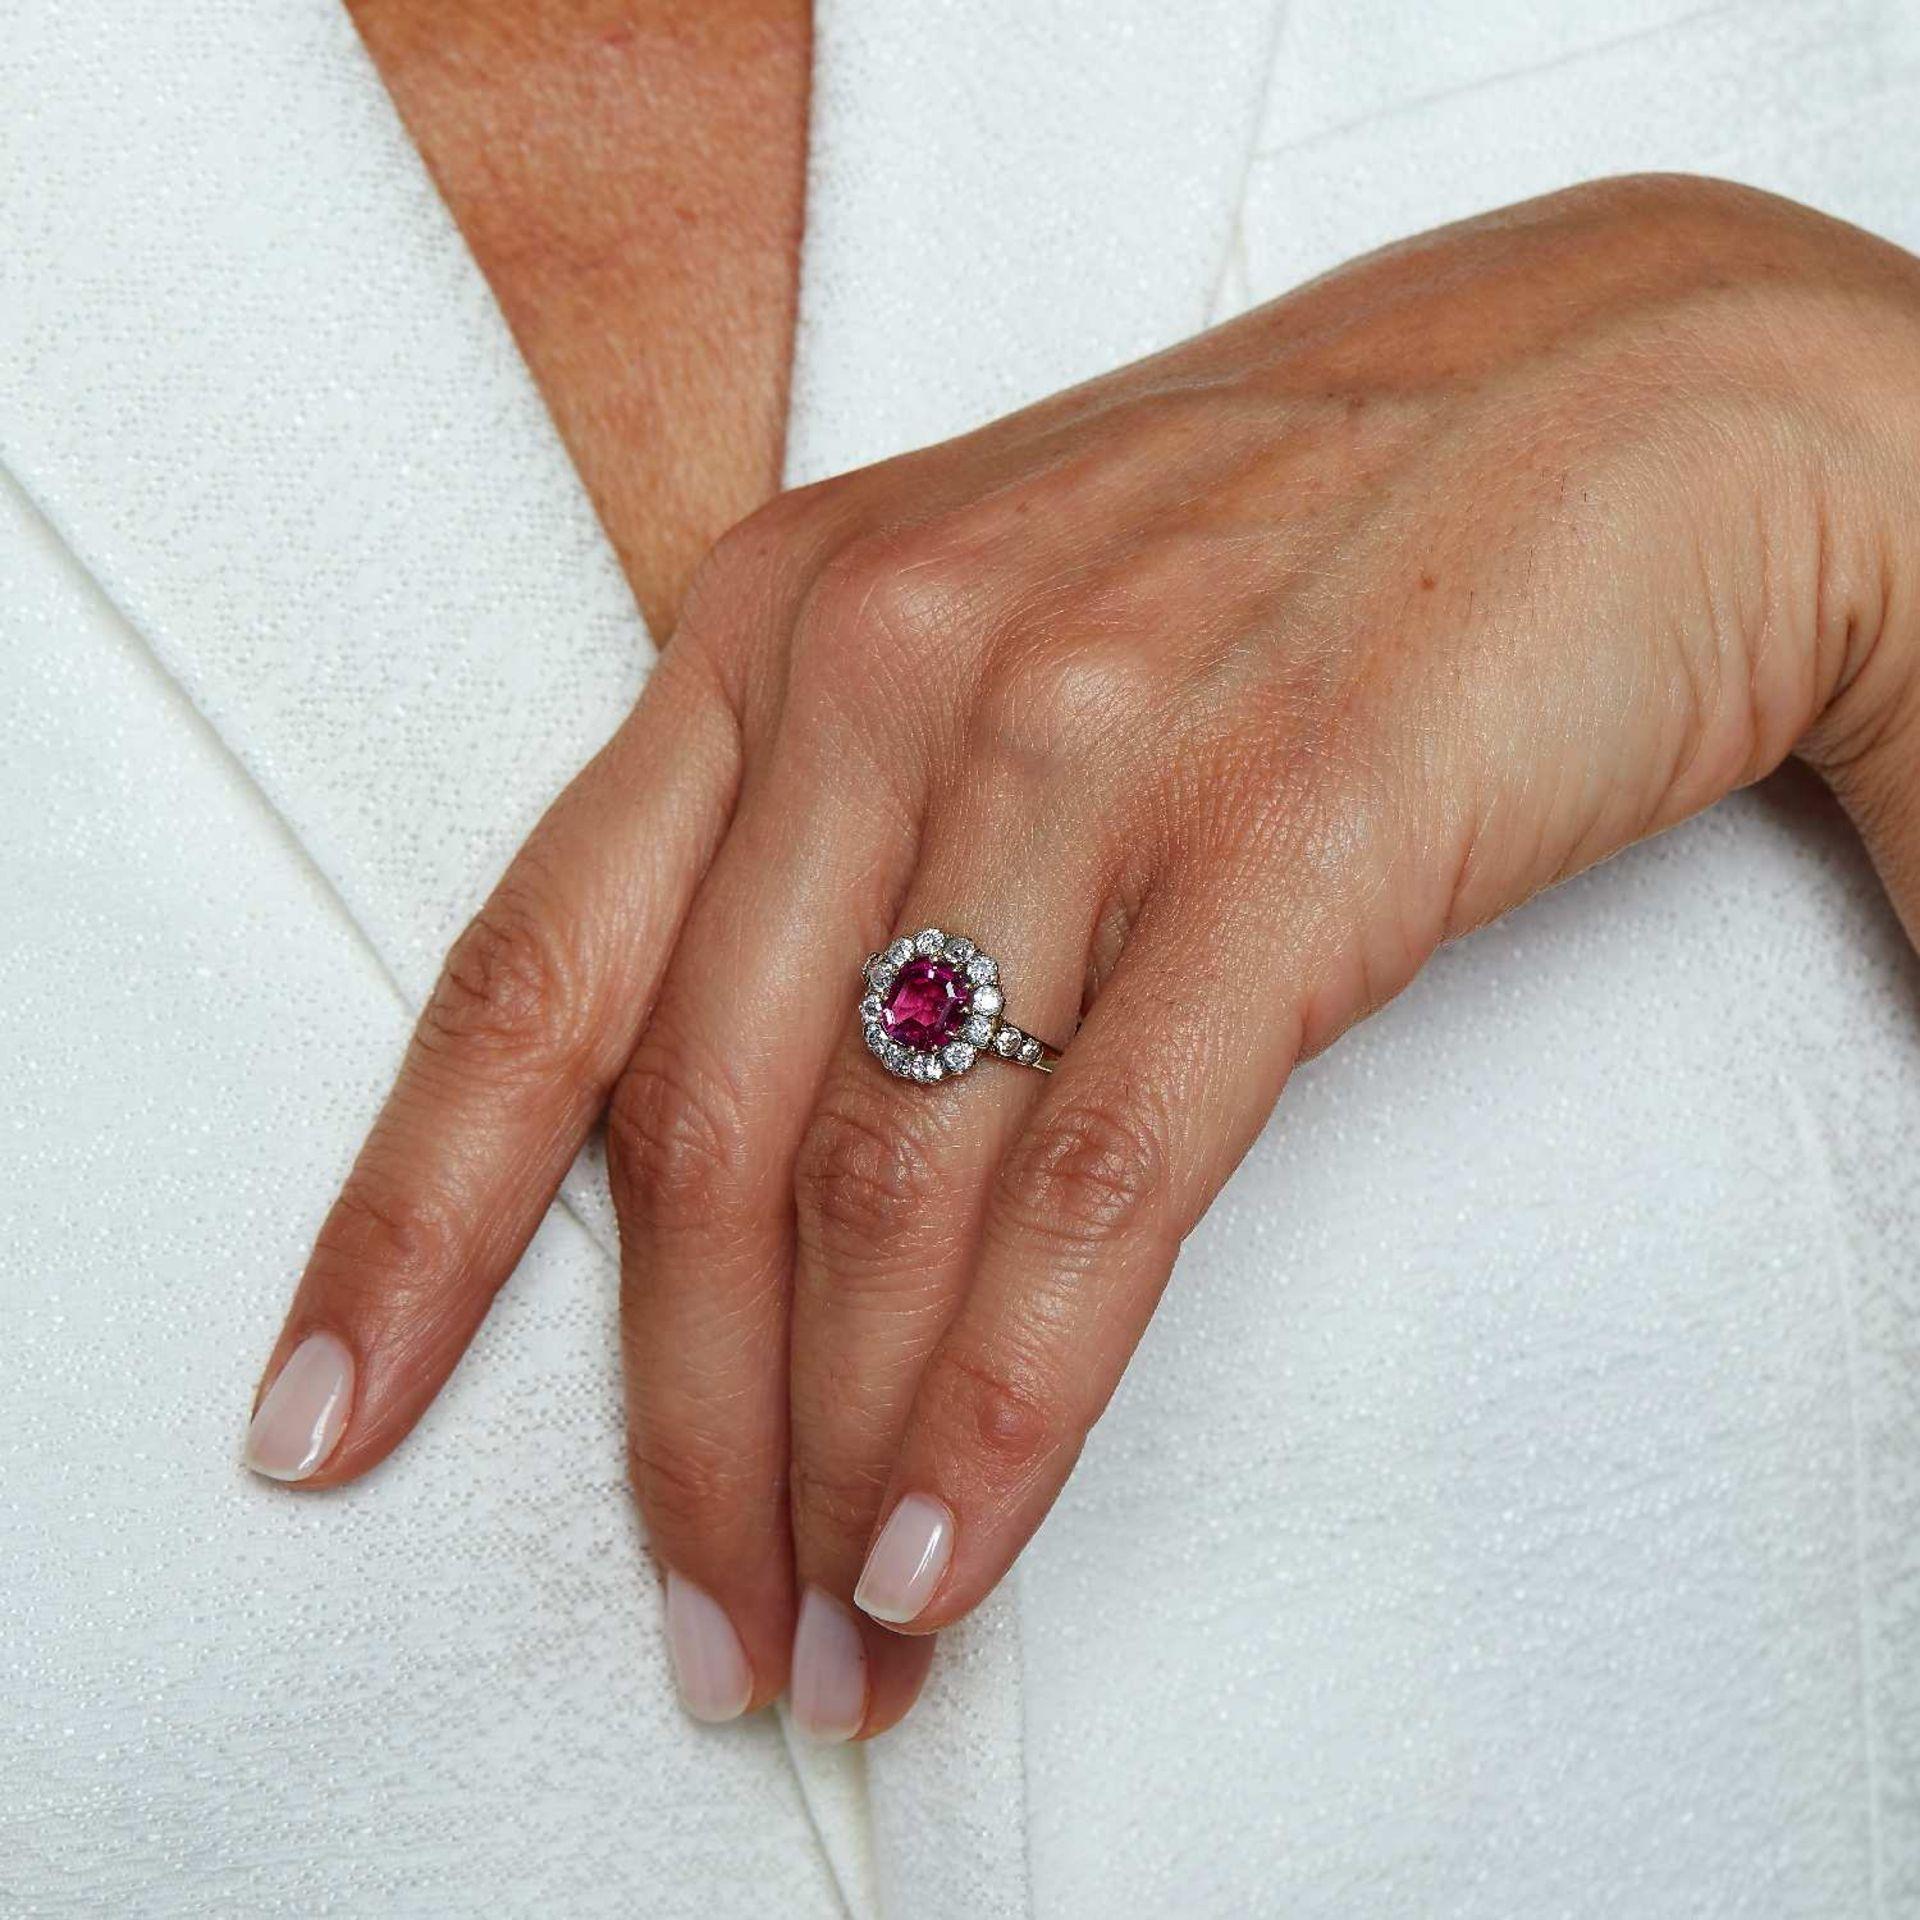 BAGUE SPINELLE ROSE Elle est ornée d'un spinelle rose coussin dans un entourage de diamants taille